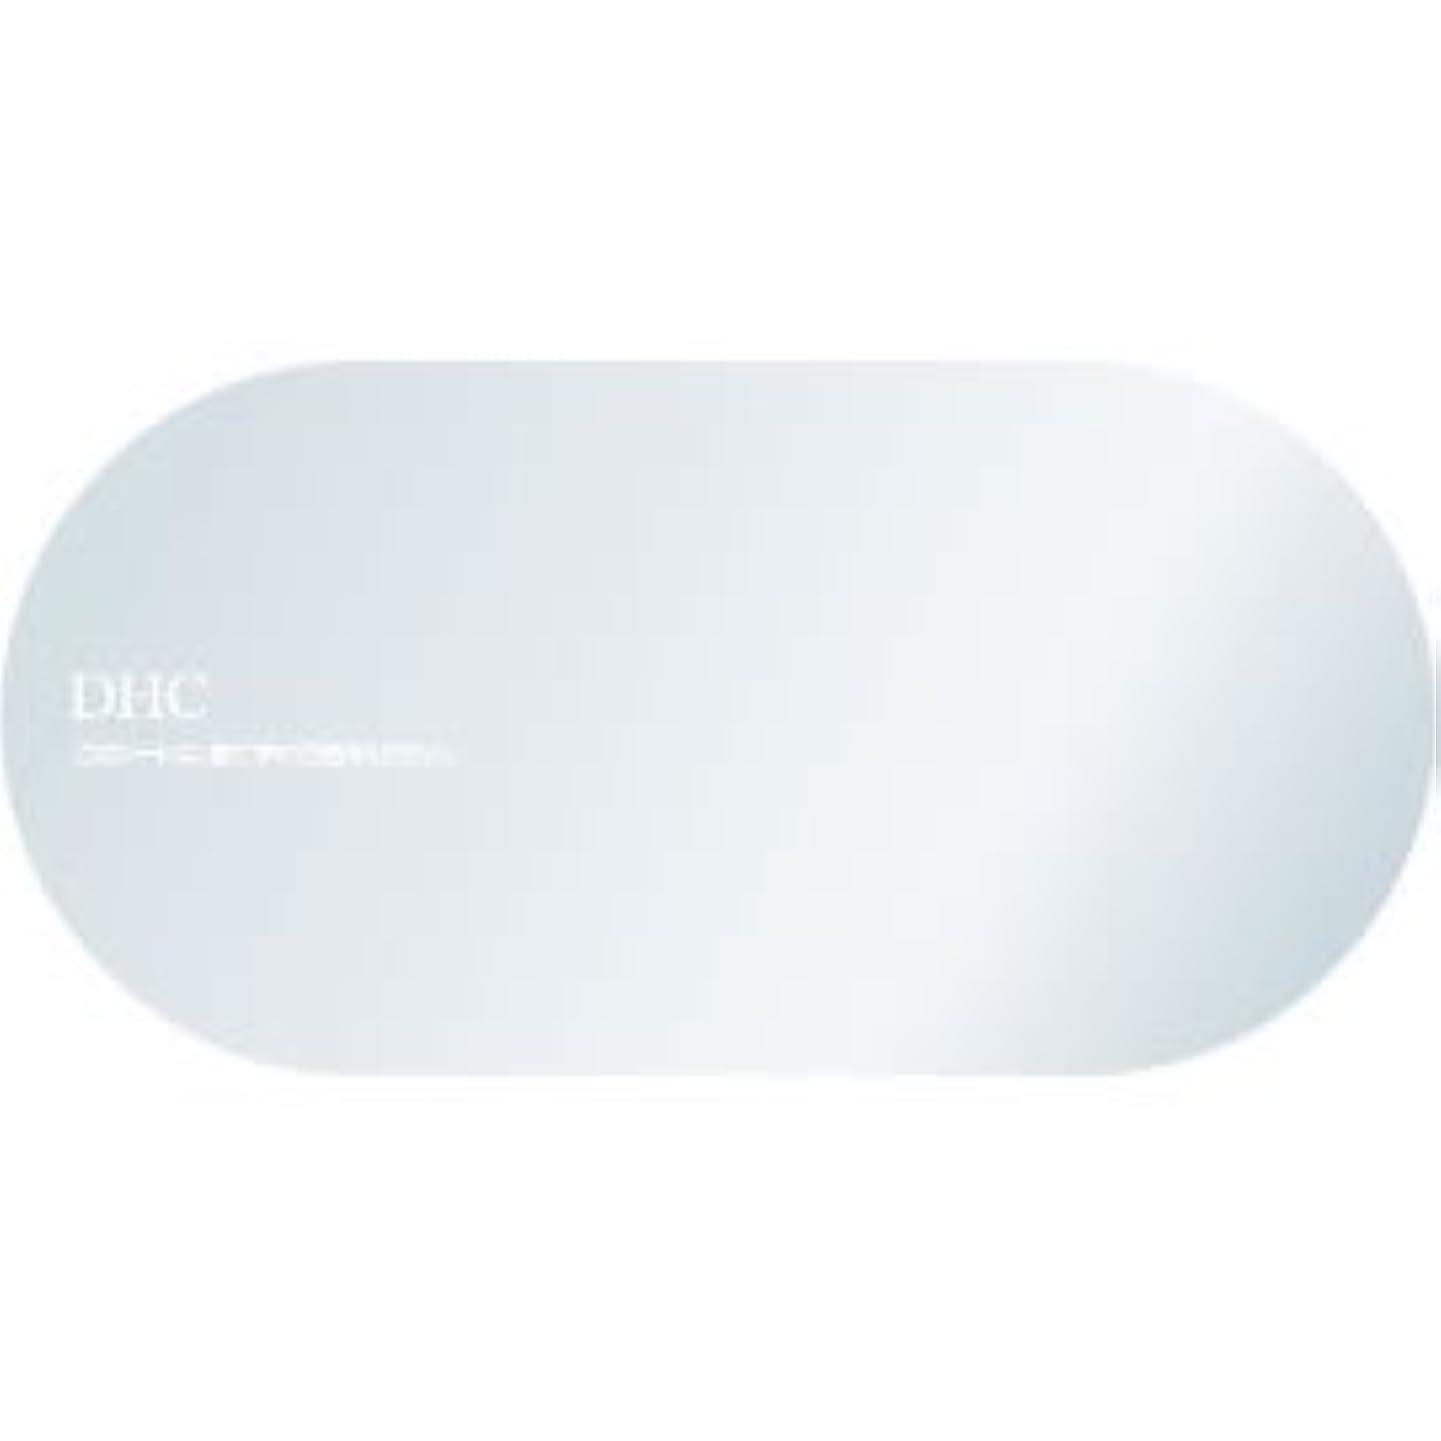 ジャーナルシュガー石DHC 透明フィルム (横長タイプ)